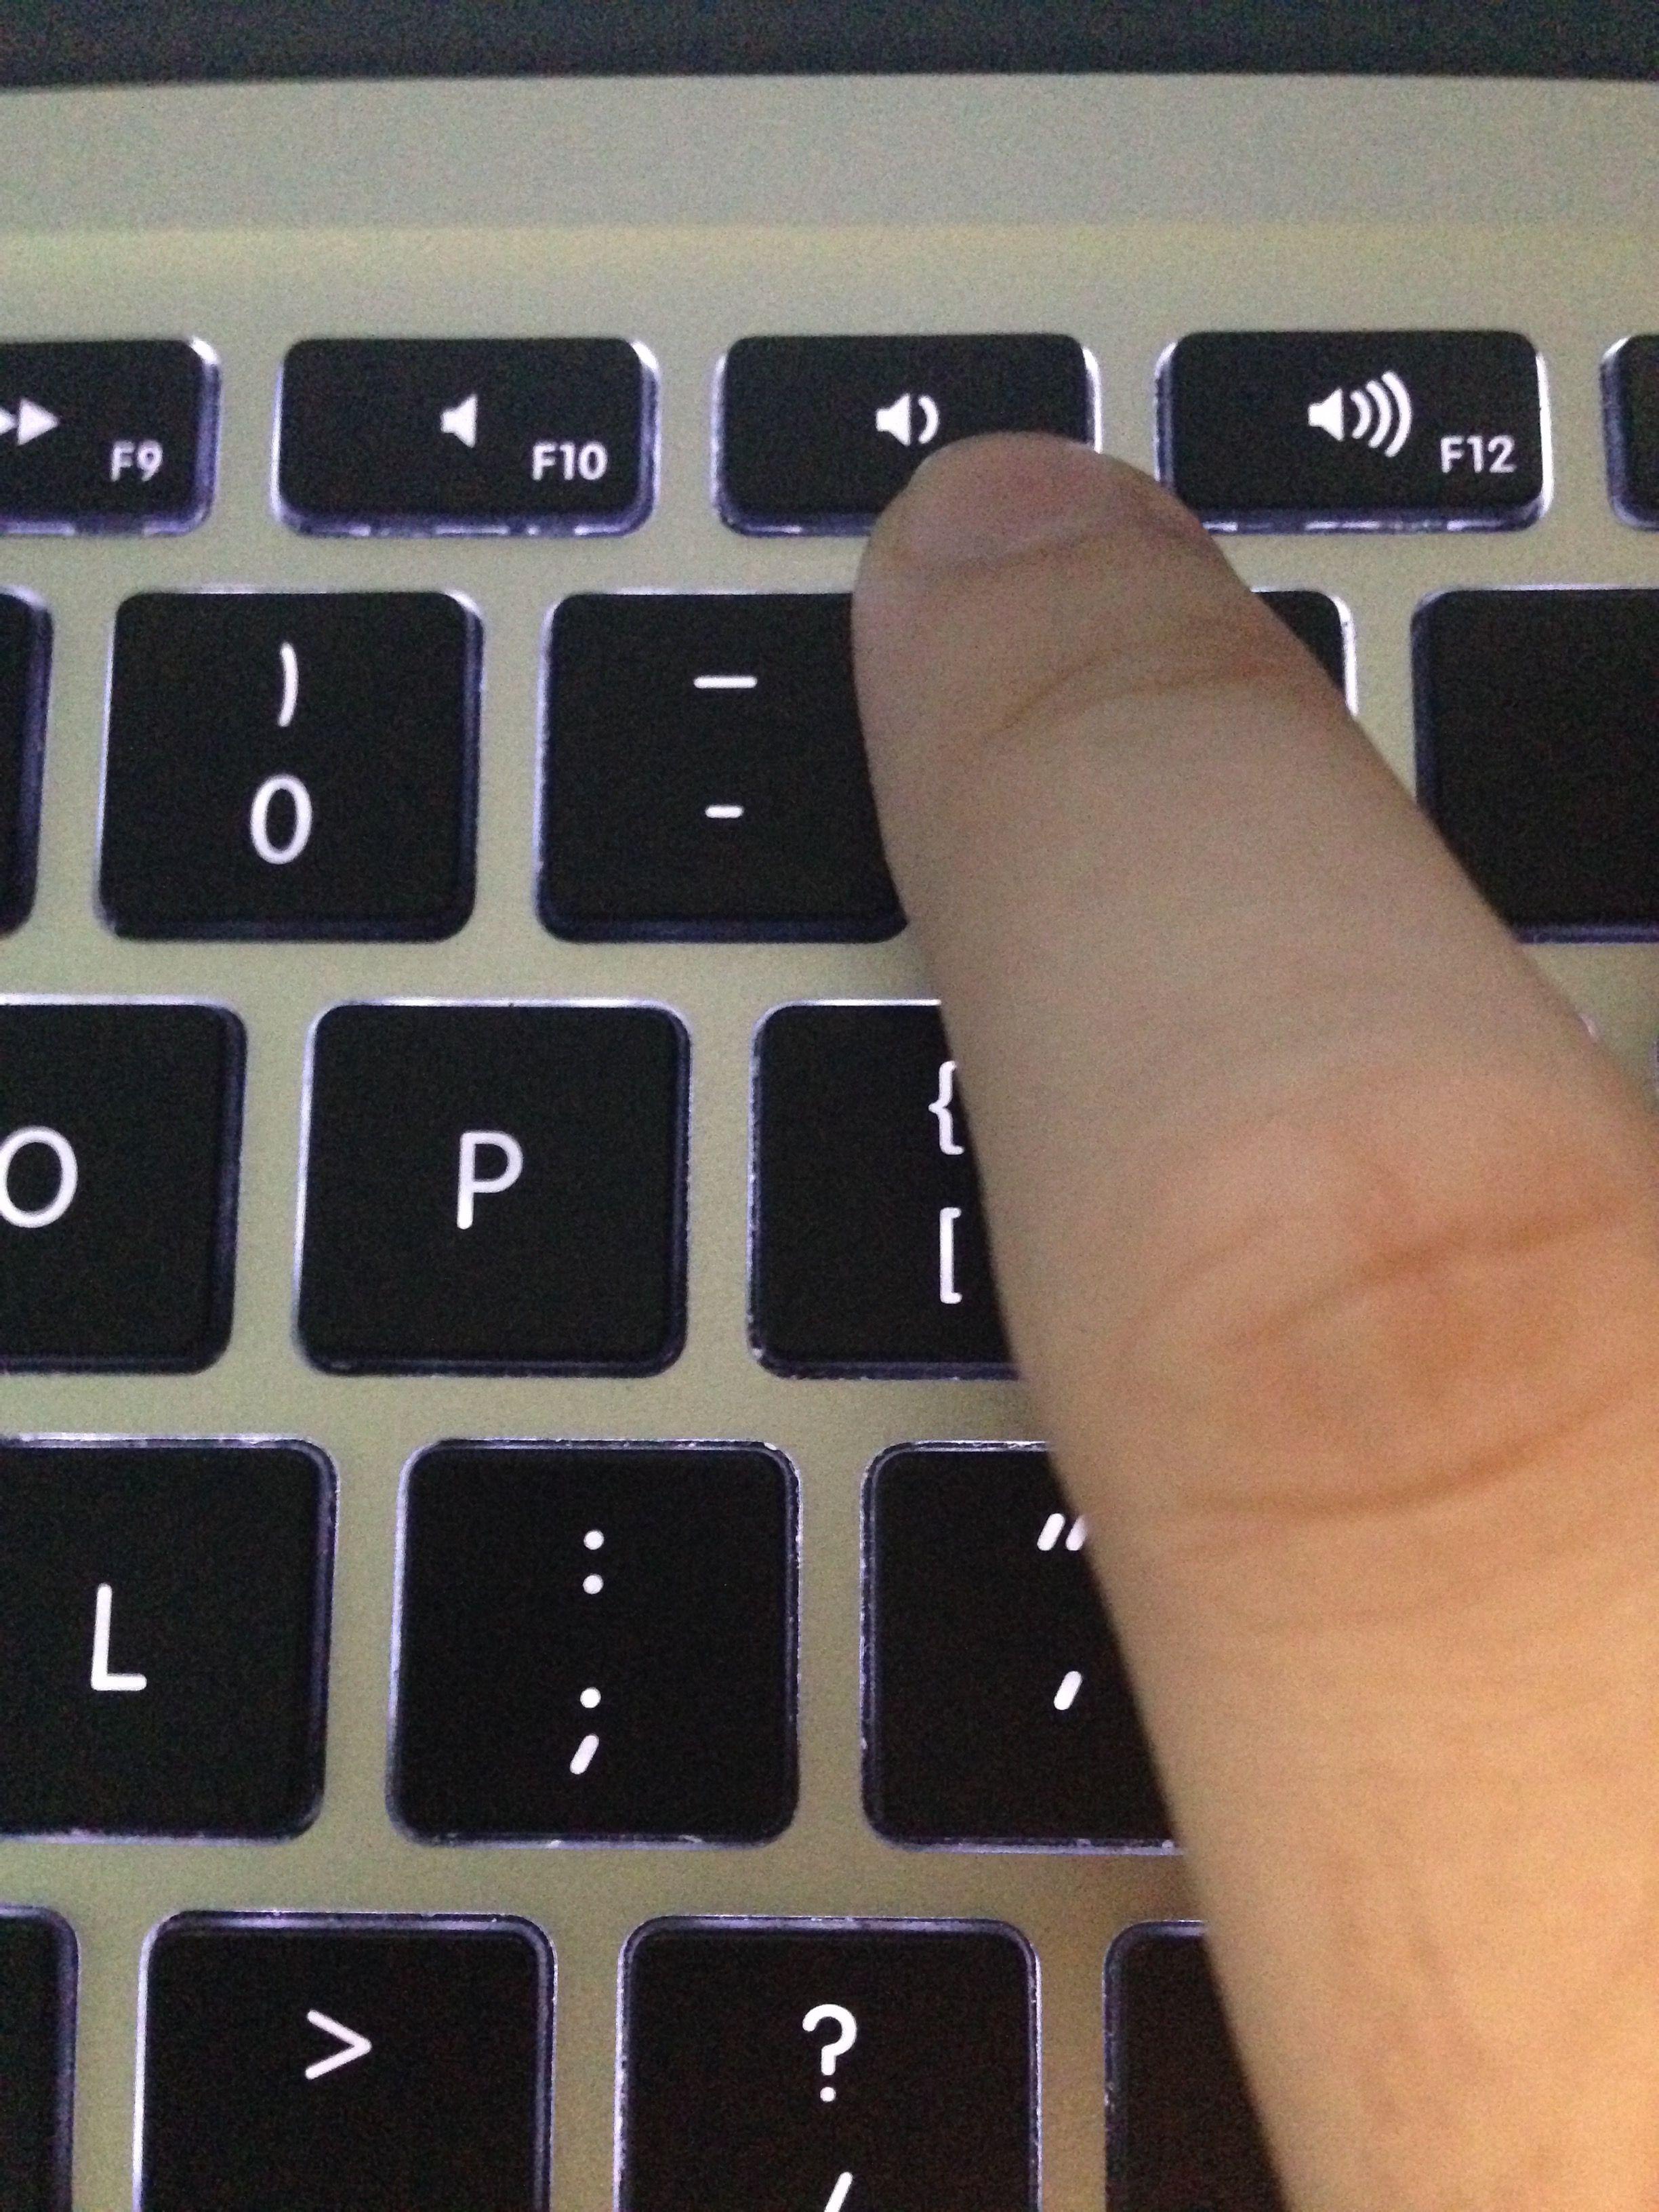 zbdx661 已采纳 苹果电脑音量可以通过键盘上的f11键和f12键调节.